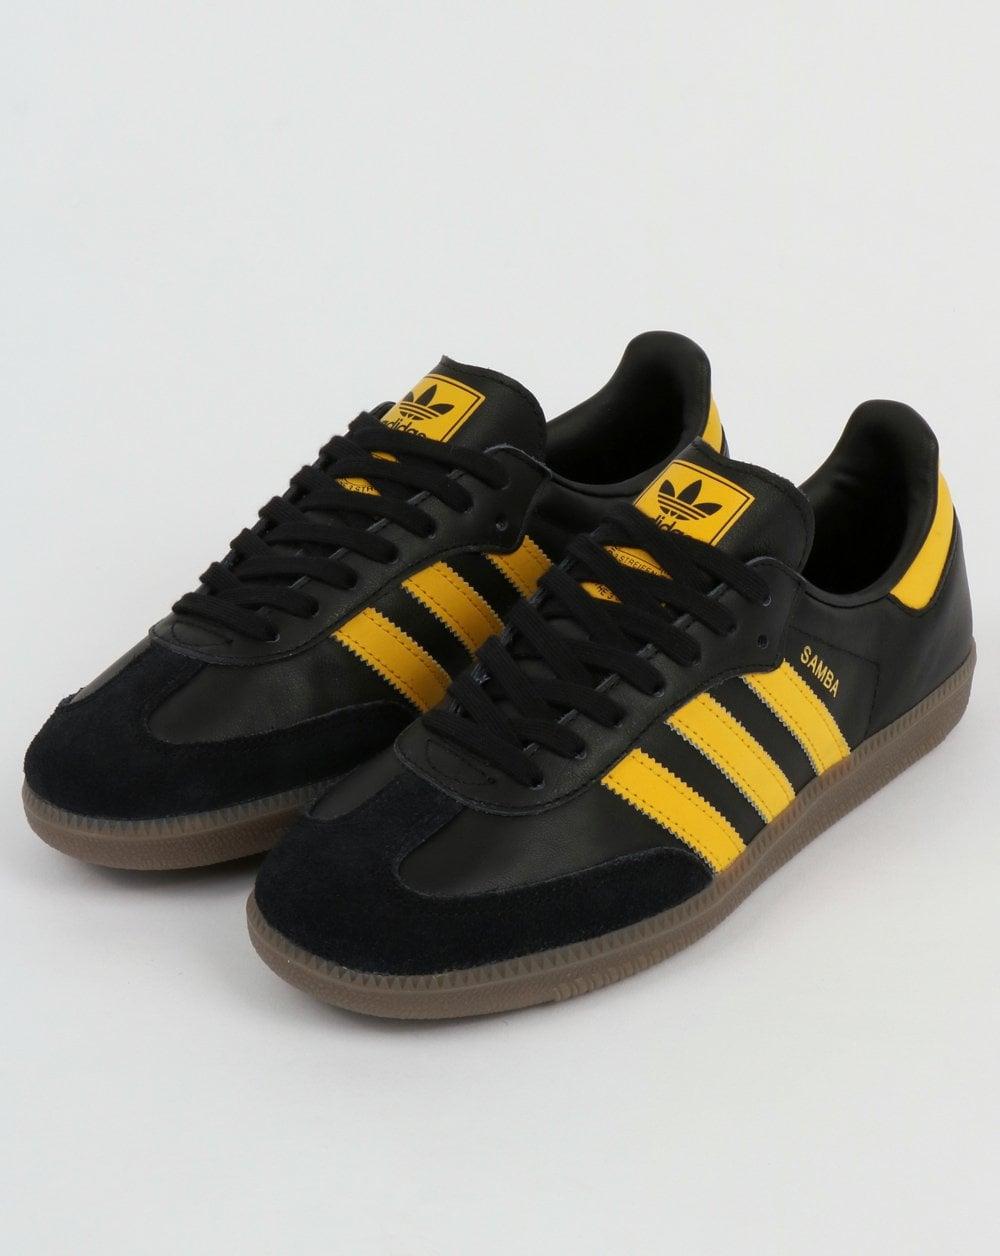 Classic 3 stripes adidas Samba OG